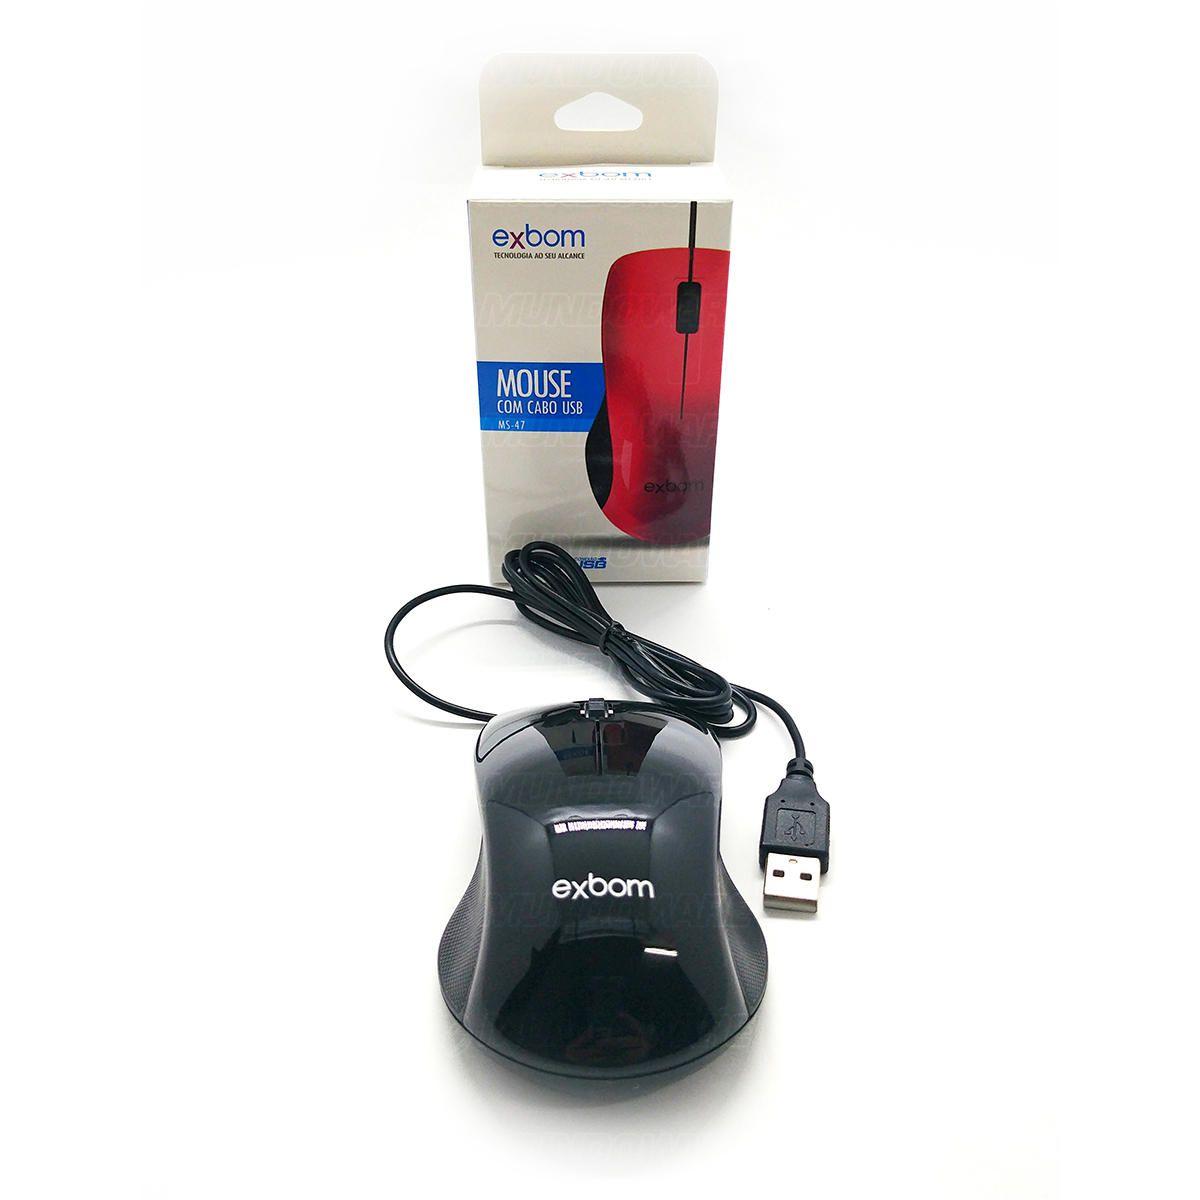 Mouse com cabo USB 1000DPIs Exbom MS47 Preto com Acabamento Brilhante